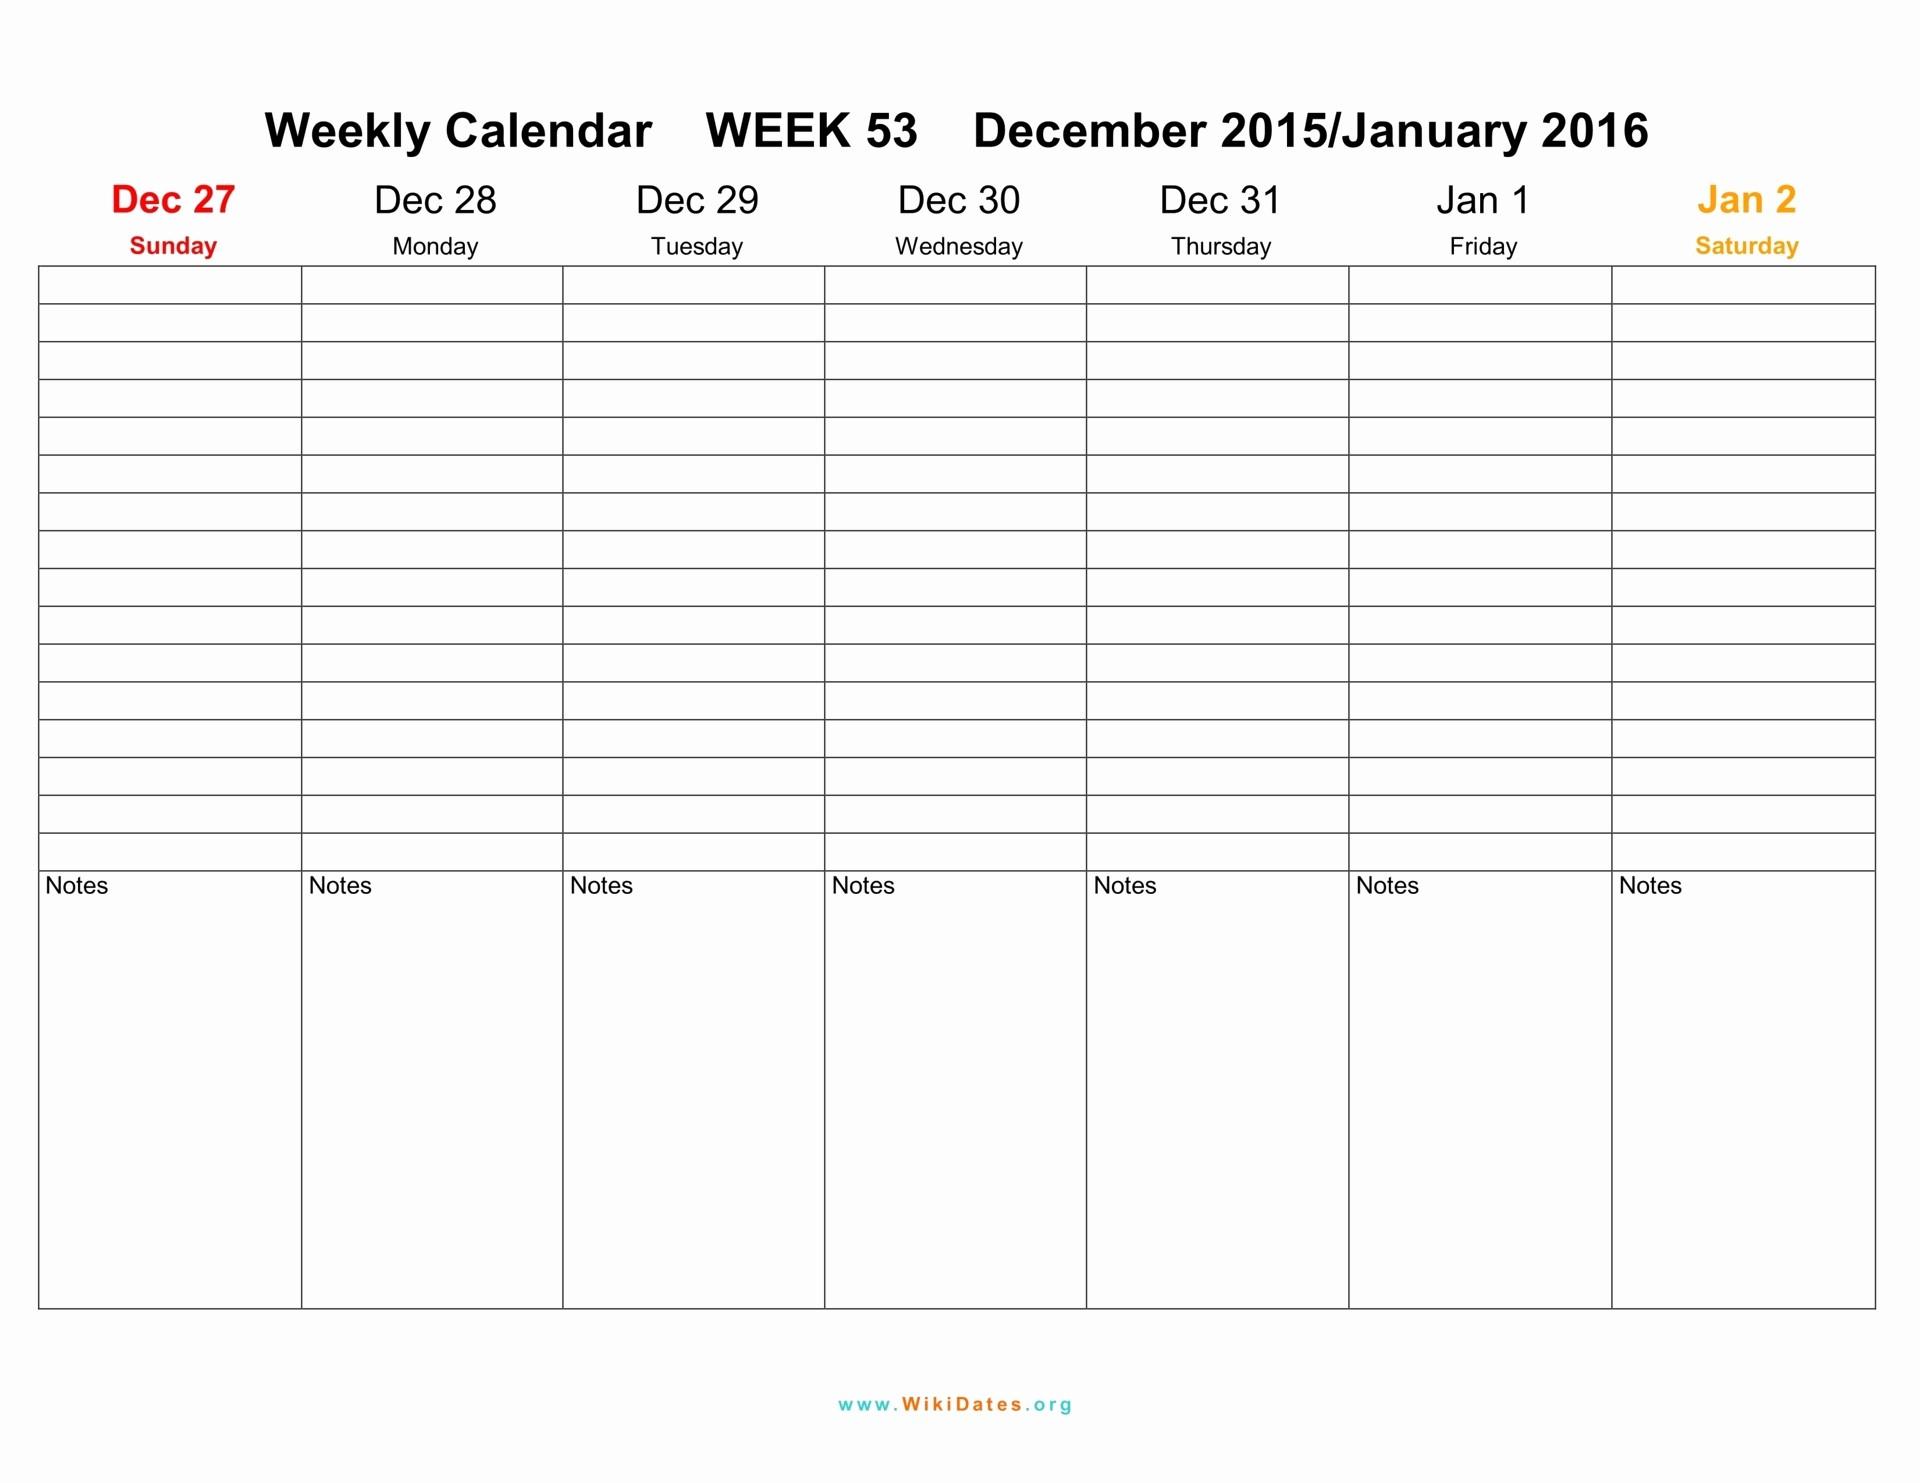 Free Printable Weekly Calendars 2017 Fresh 2016 2017 Blank Weekly Calendar